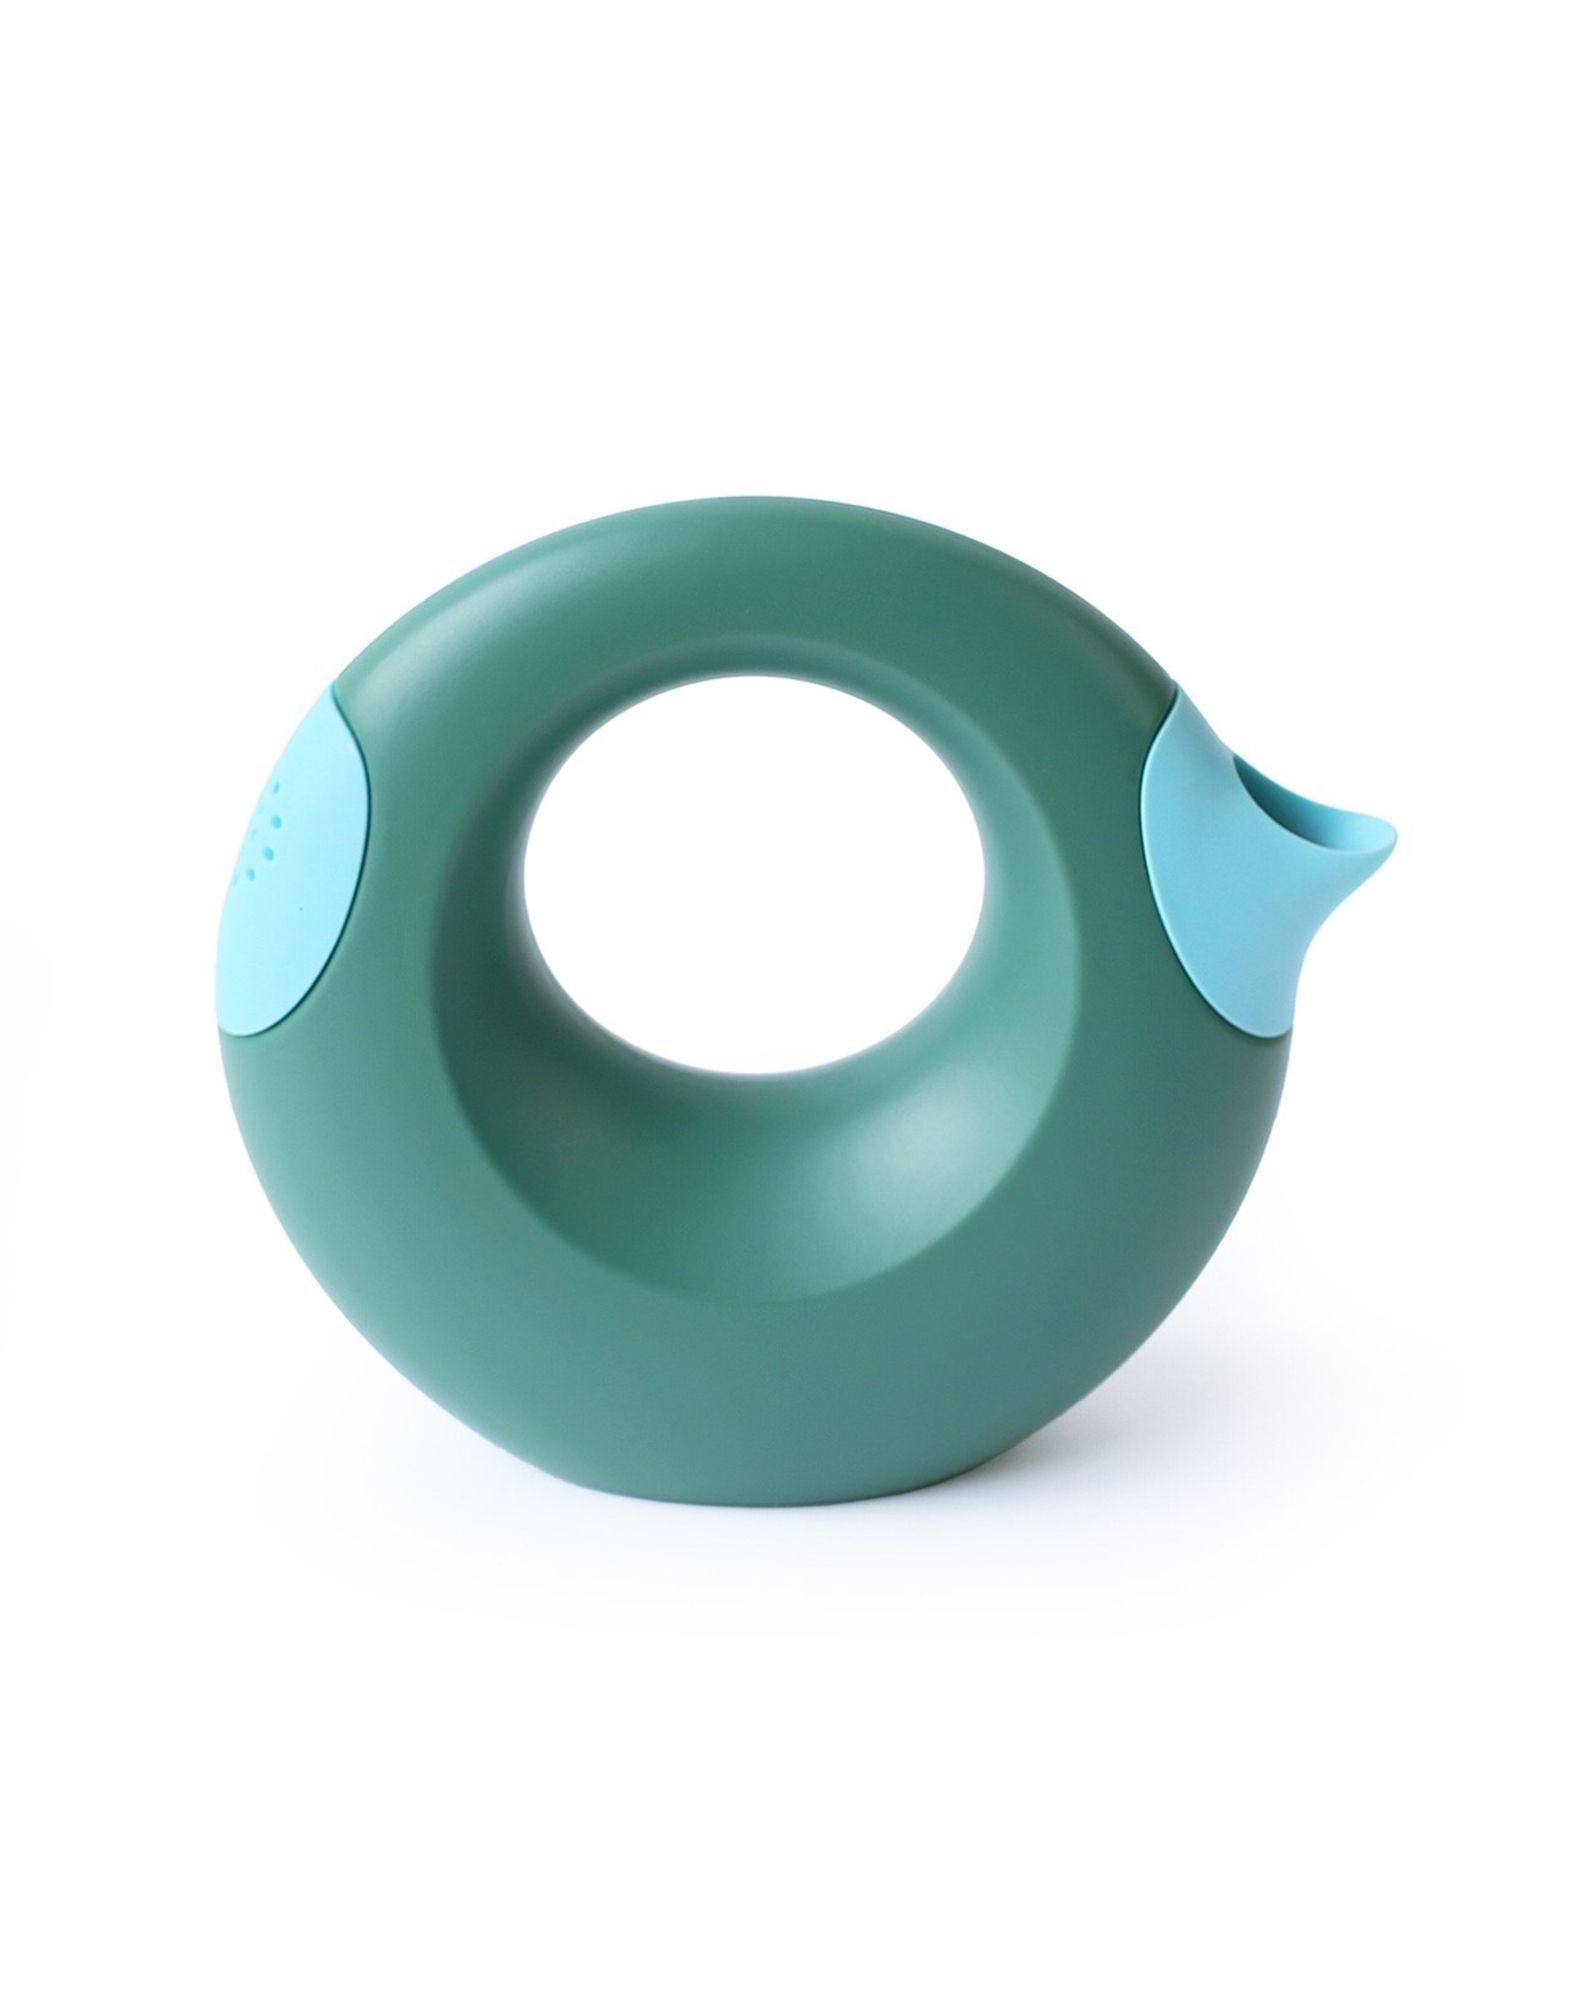 QUUT® Игрушки для ванной и пляжа игрушки для ванны babyono игрушки для ванной животные средние 4 шт